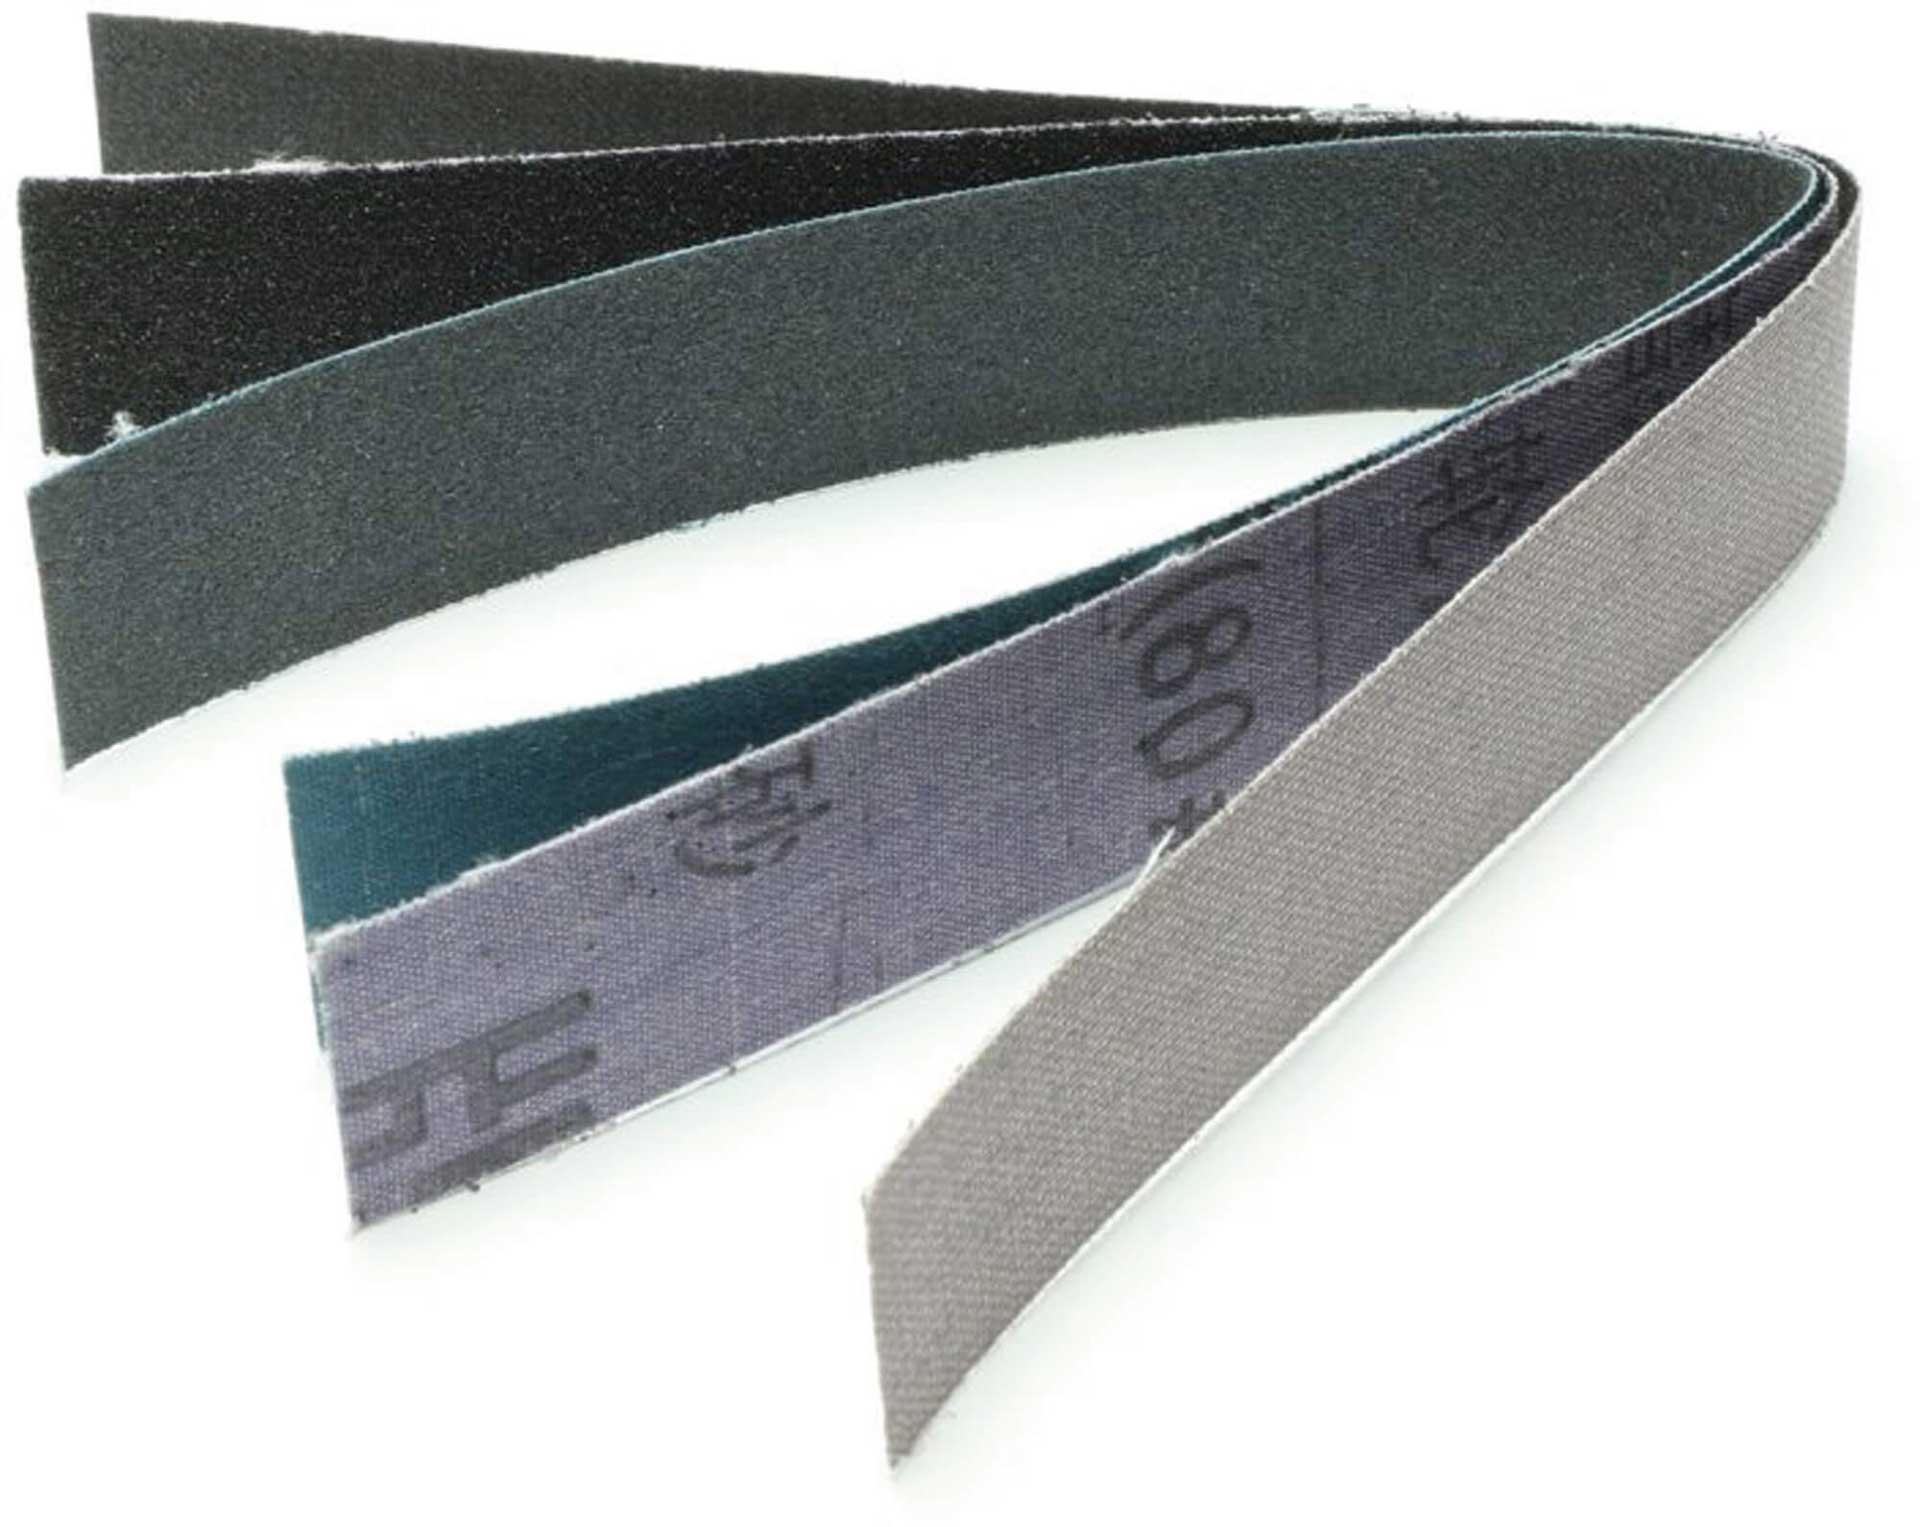 EXTRON Schleifleinen für Sandpapierfeile 25mm 8Stk. sortiert, Sandpapier